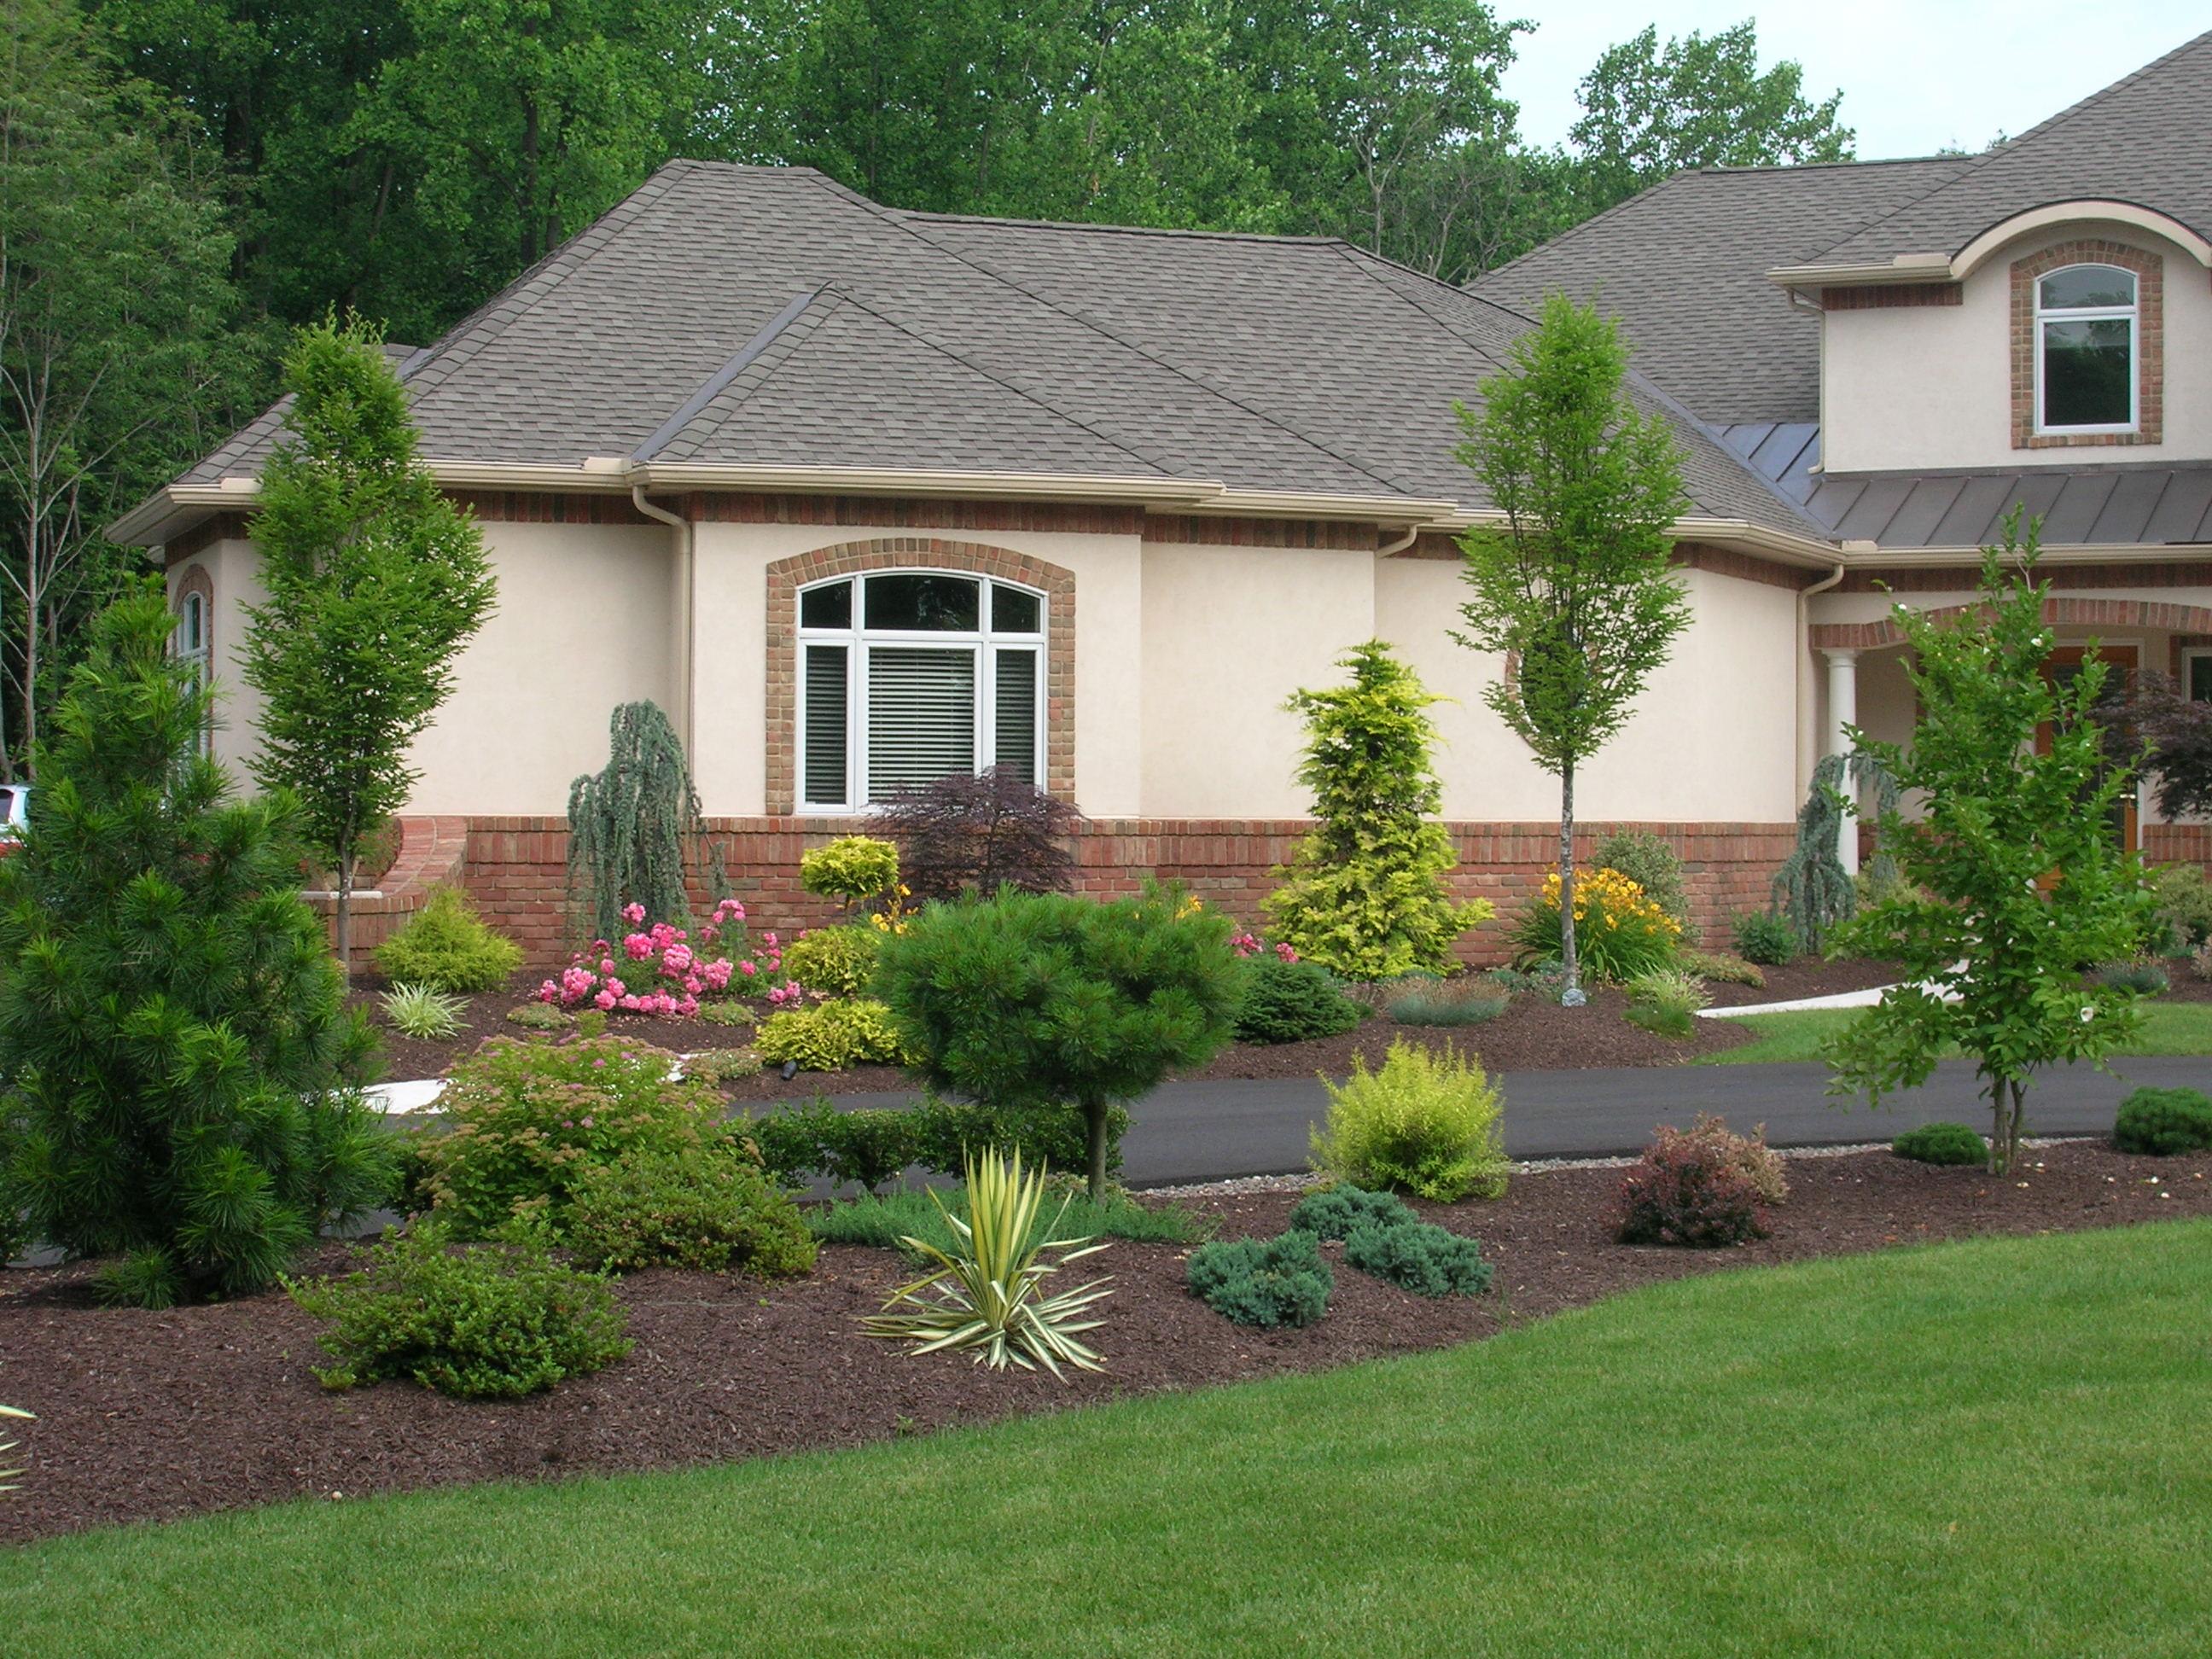 landscaping 5.jpg